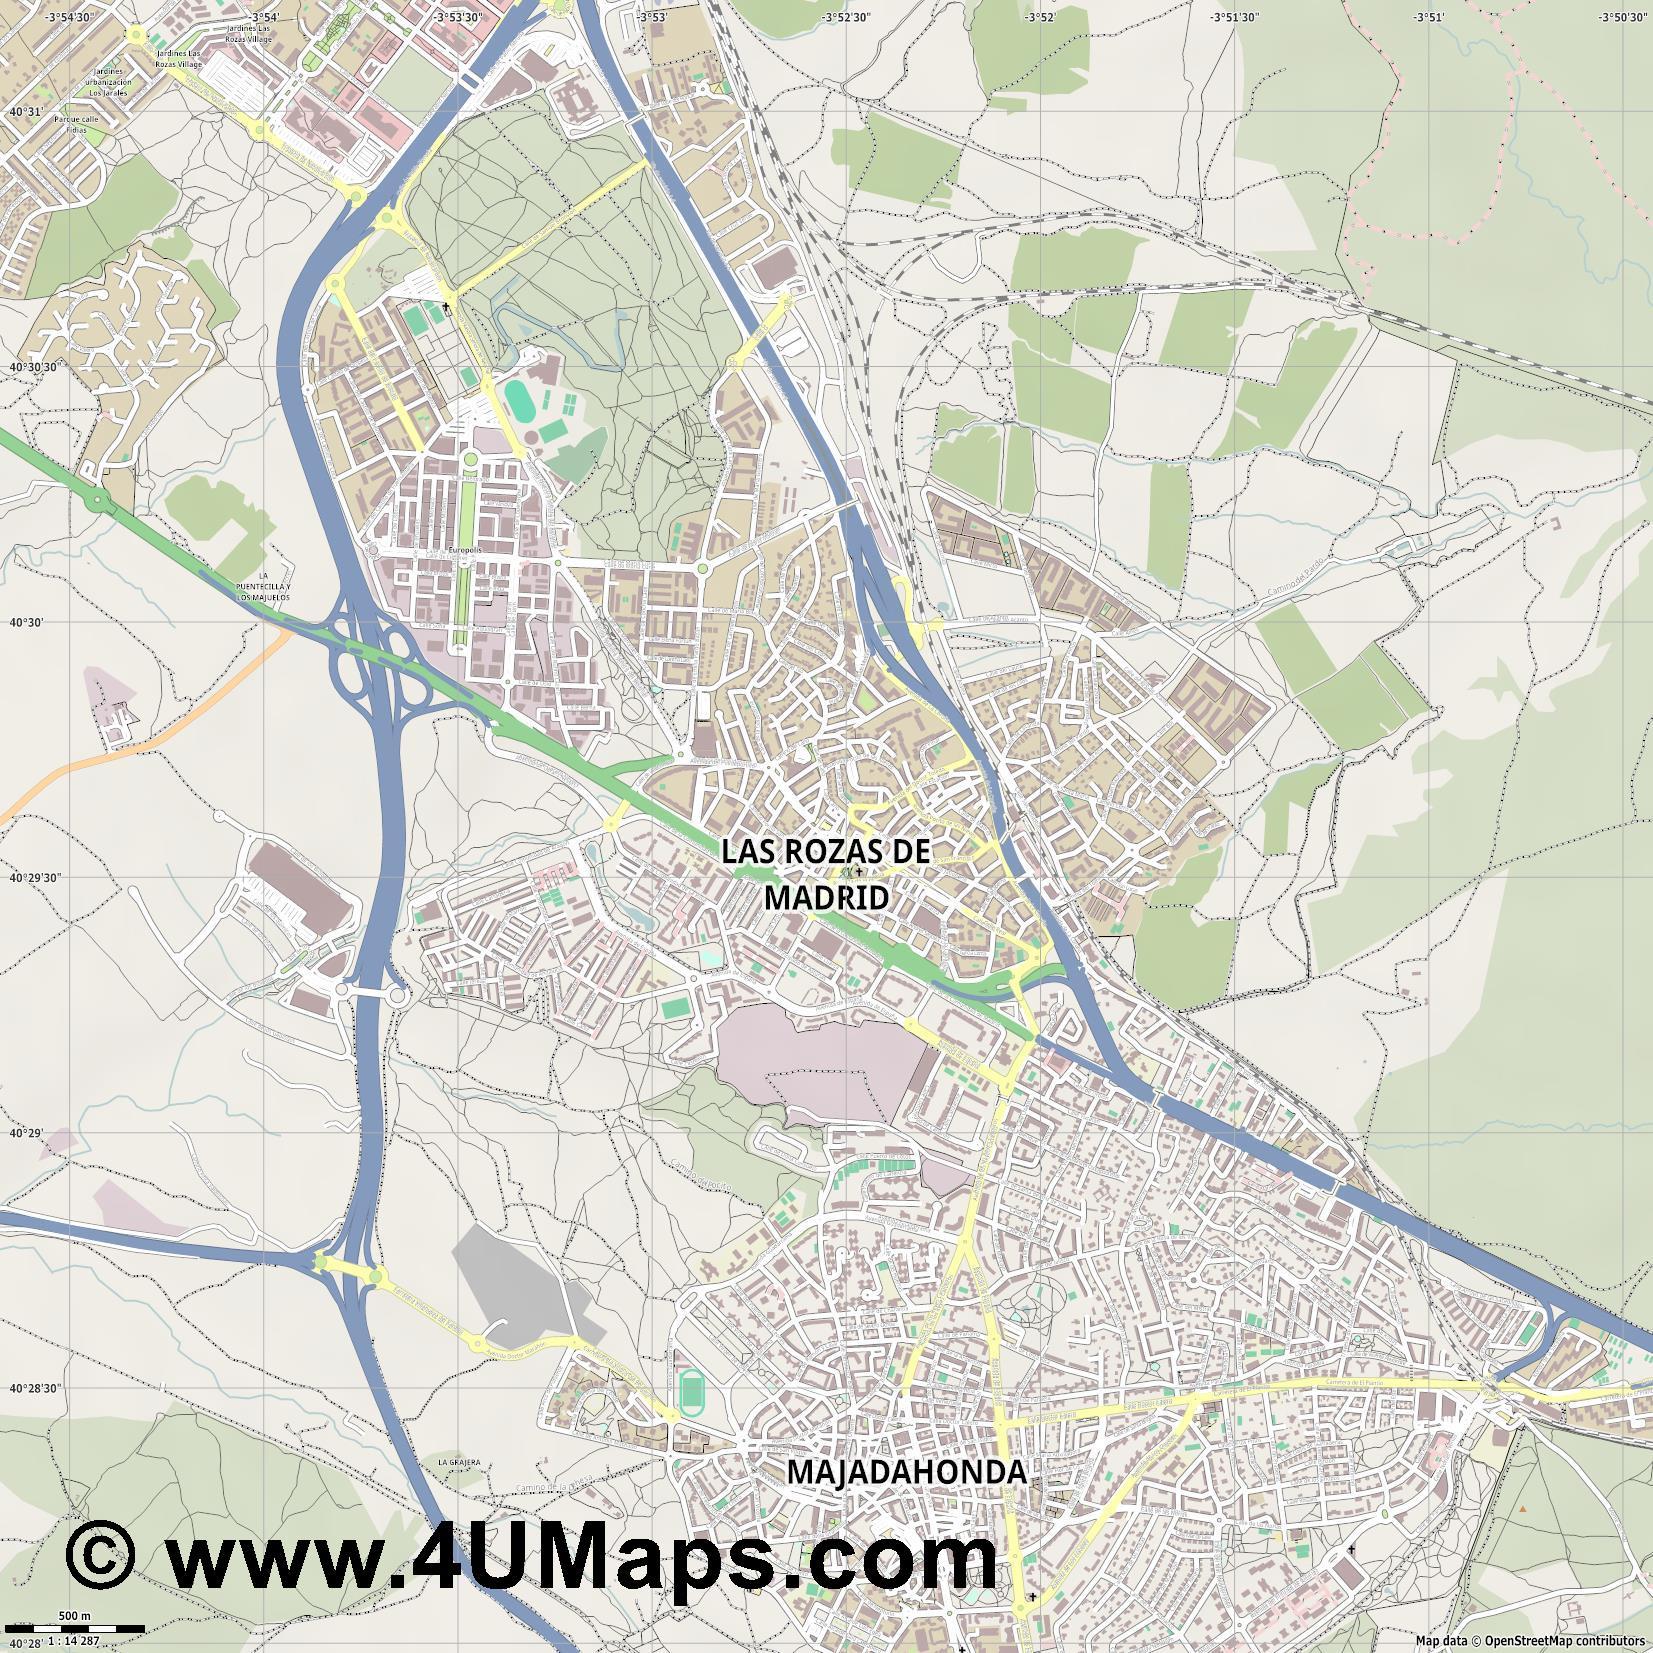 Las Rozas Madrid Mapa.Pdf Svg Mapa Vectorial Escalable Mapa Vectorial Las Rozas